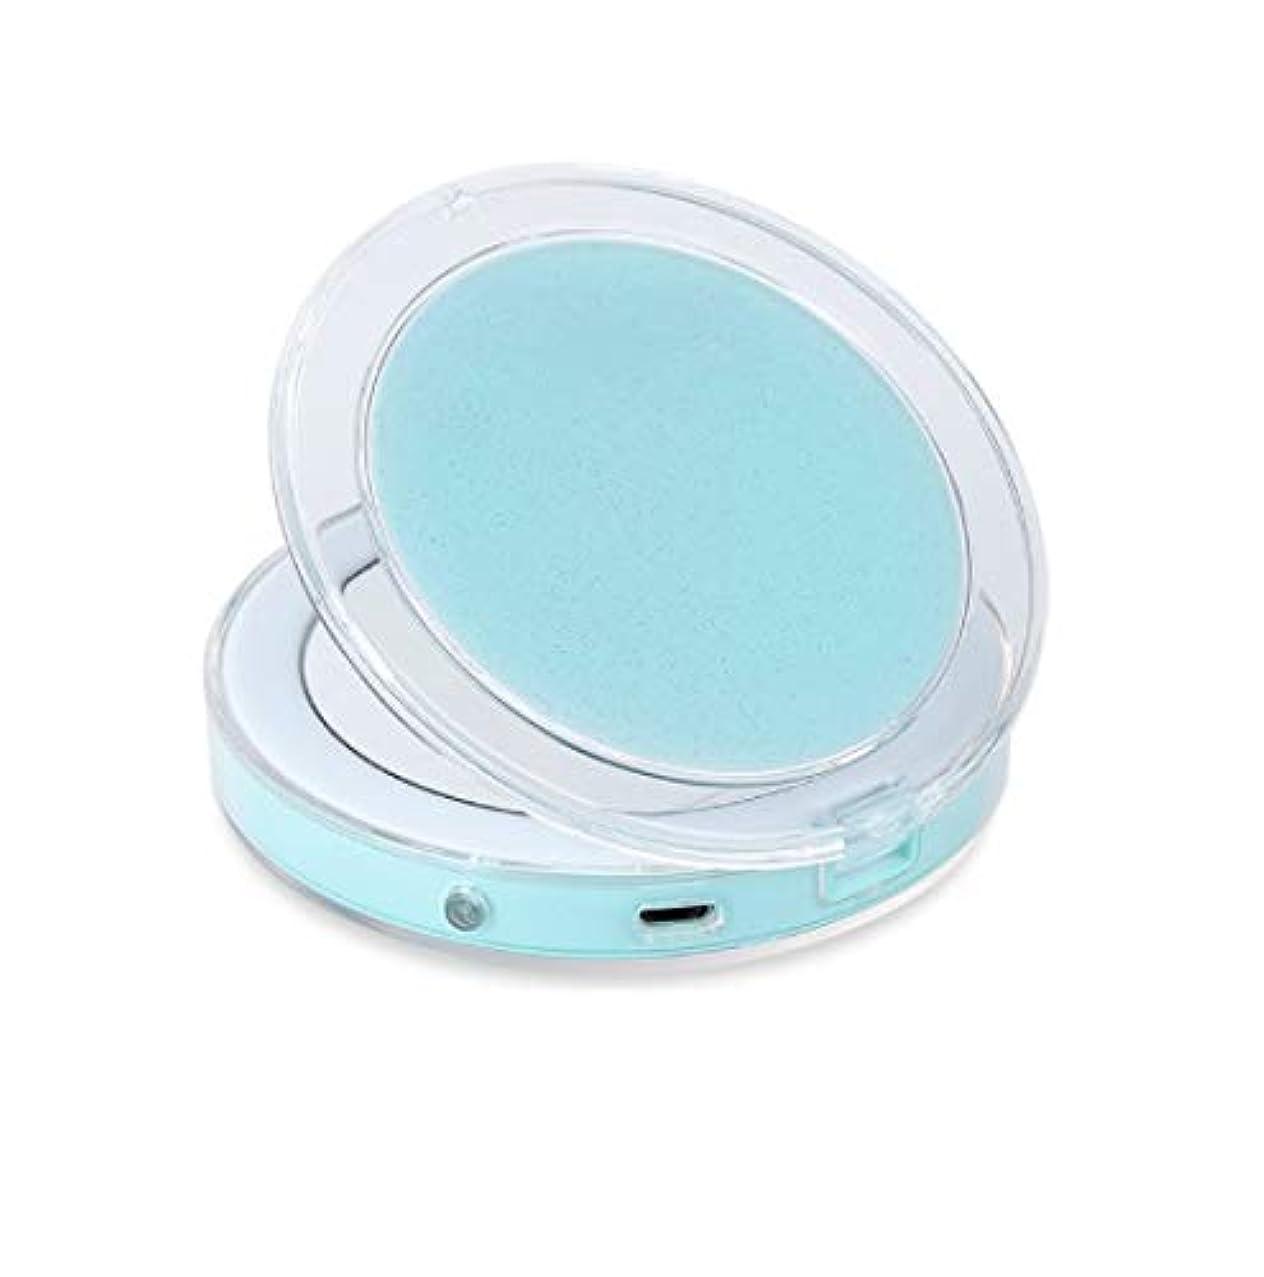 傀儡ピジン折るミニポータブルled化粧鏡折りたたみ光化粧鏡3回小さな夜の光ミラー (Color : グリーン)